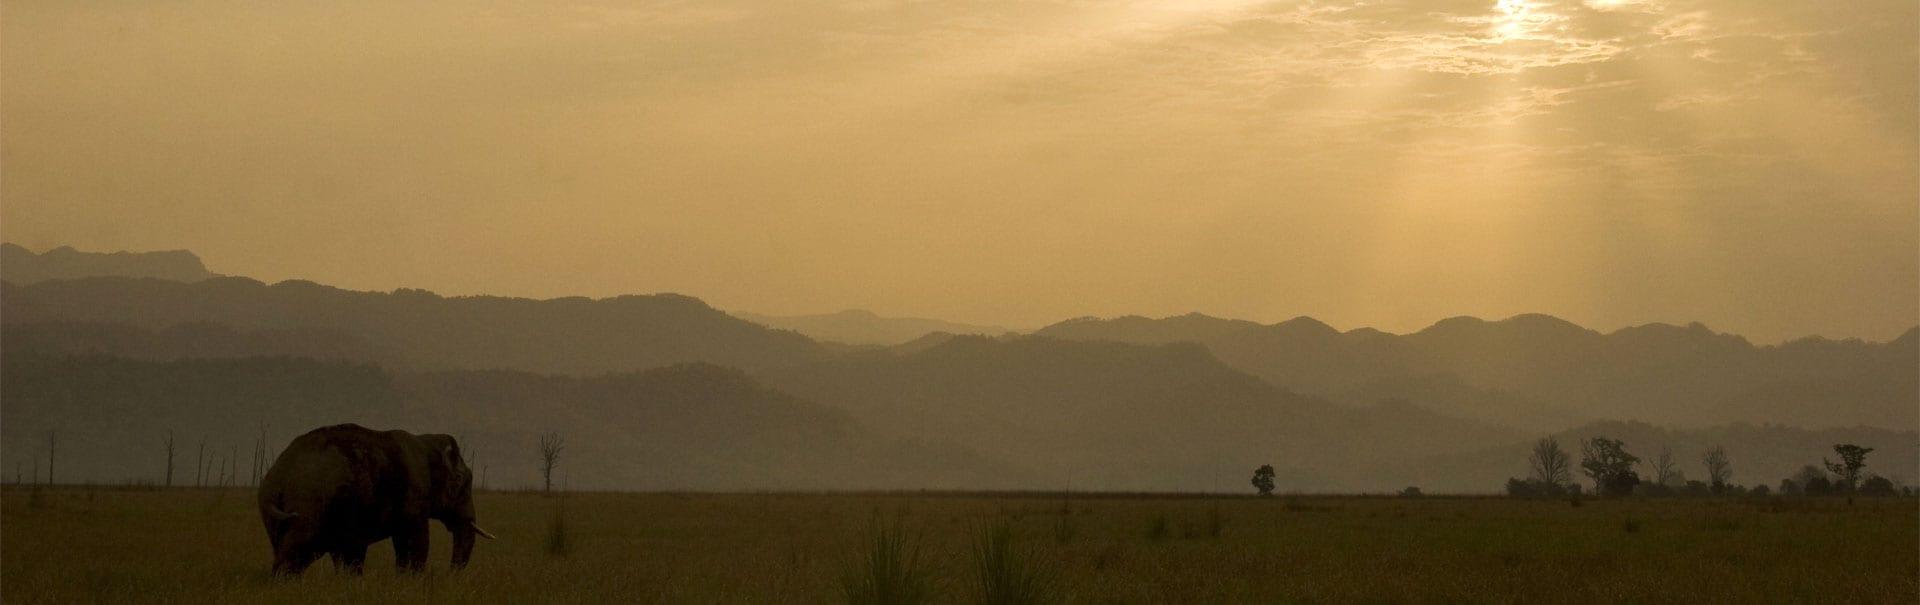 Nainital Mussoorie Haridwar Corbett Kingdom of Dreams (NIJW) Banner